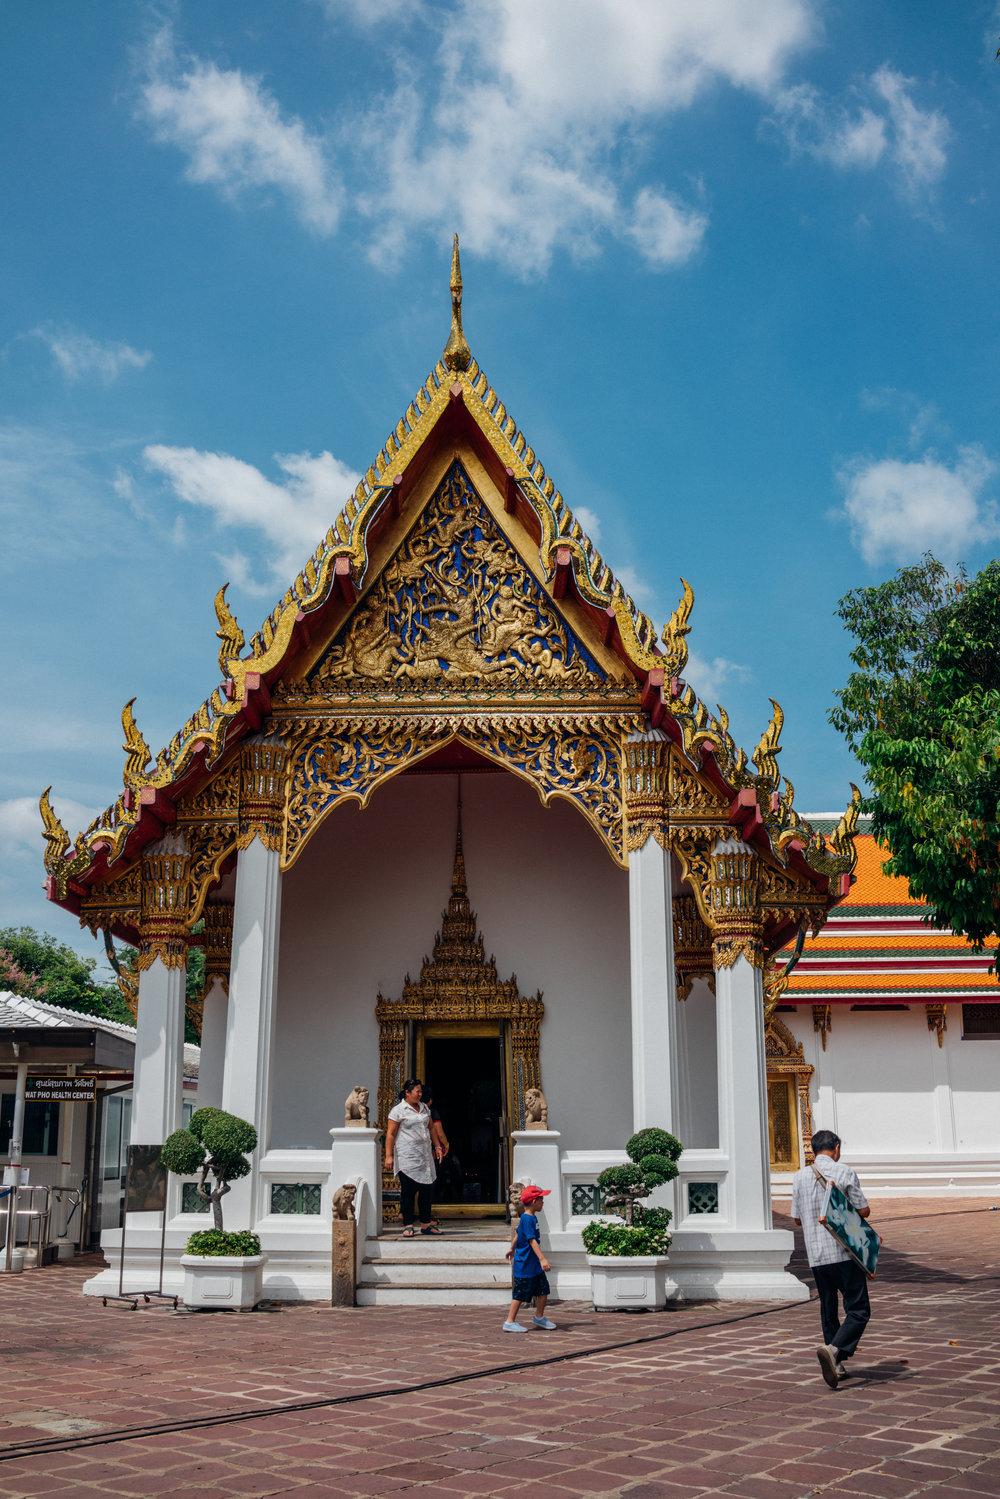 Visiting Wat Pho